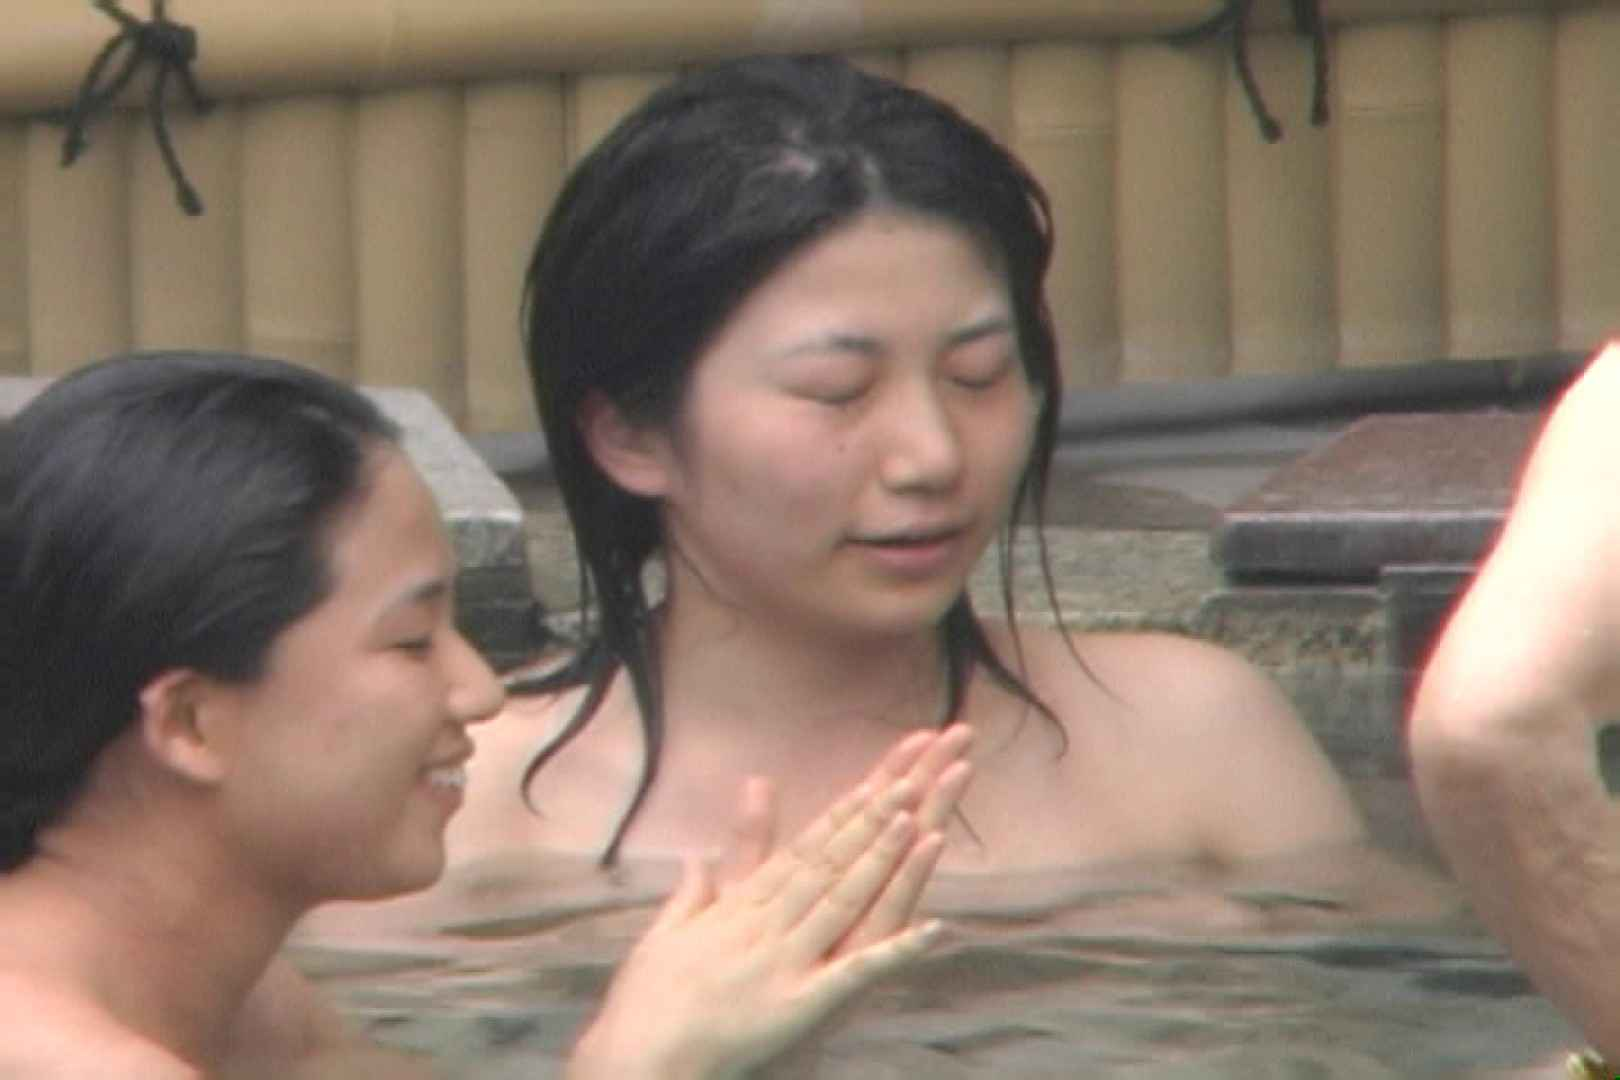 Aquaな露天風呂Vol.43【VIP限定】 盗撮  88画像 27